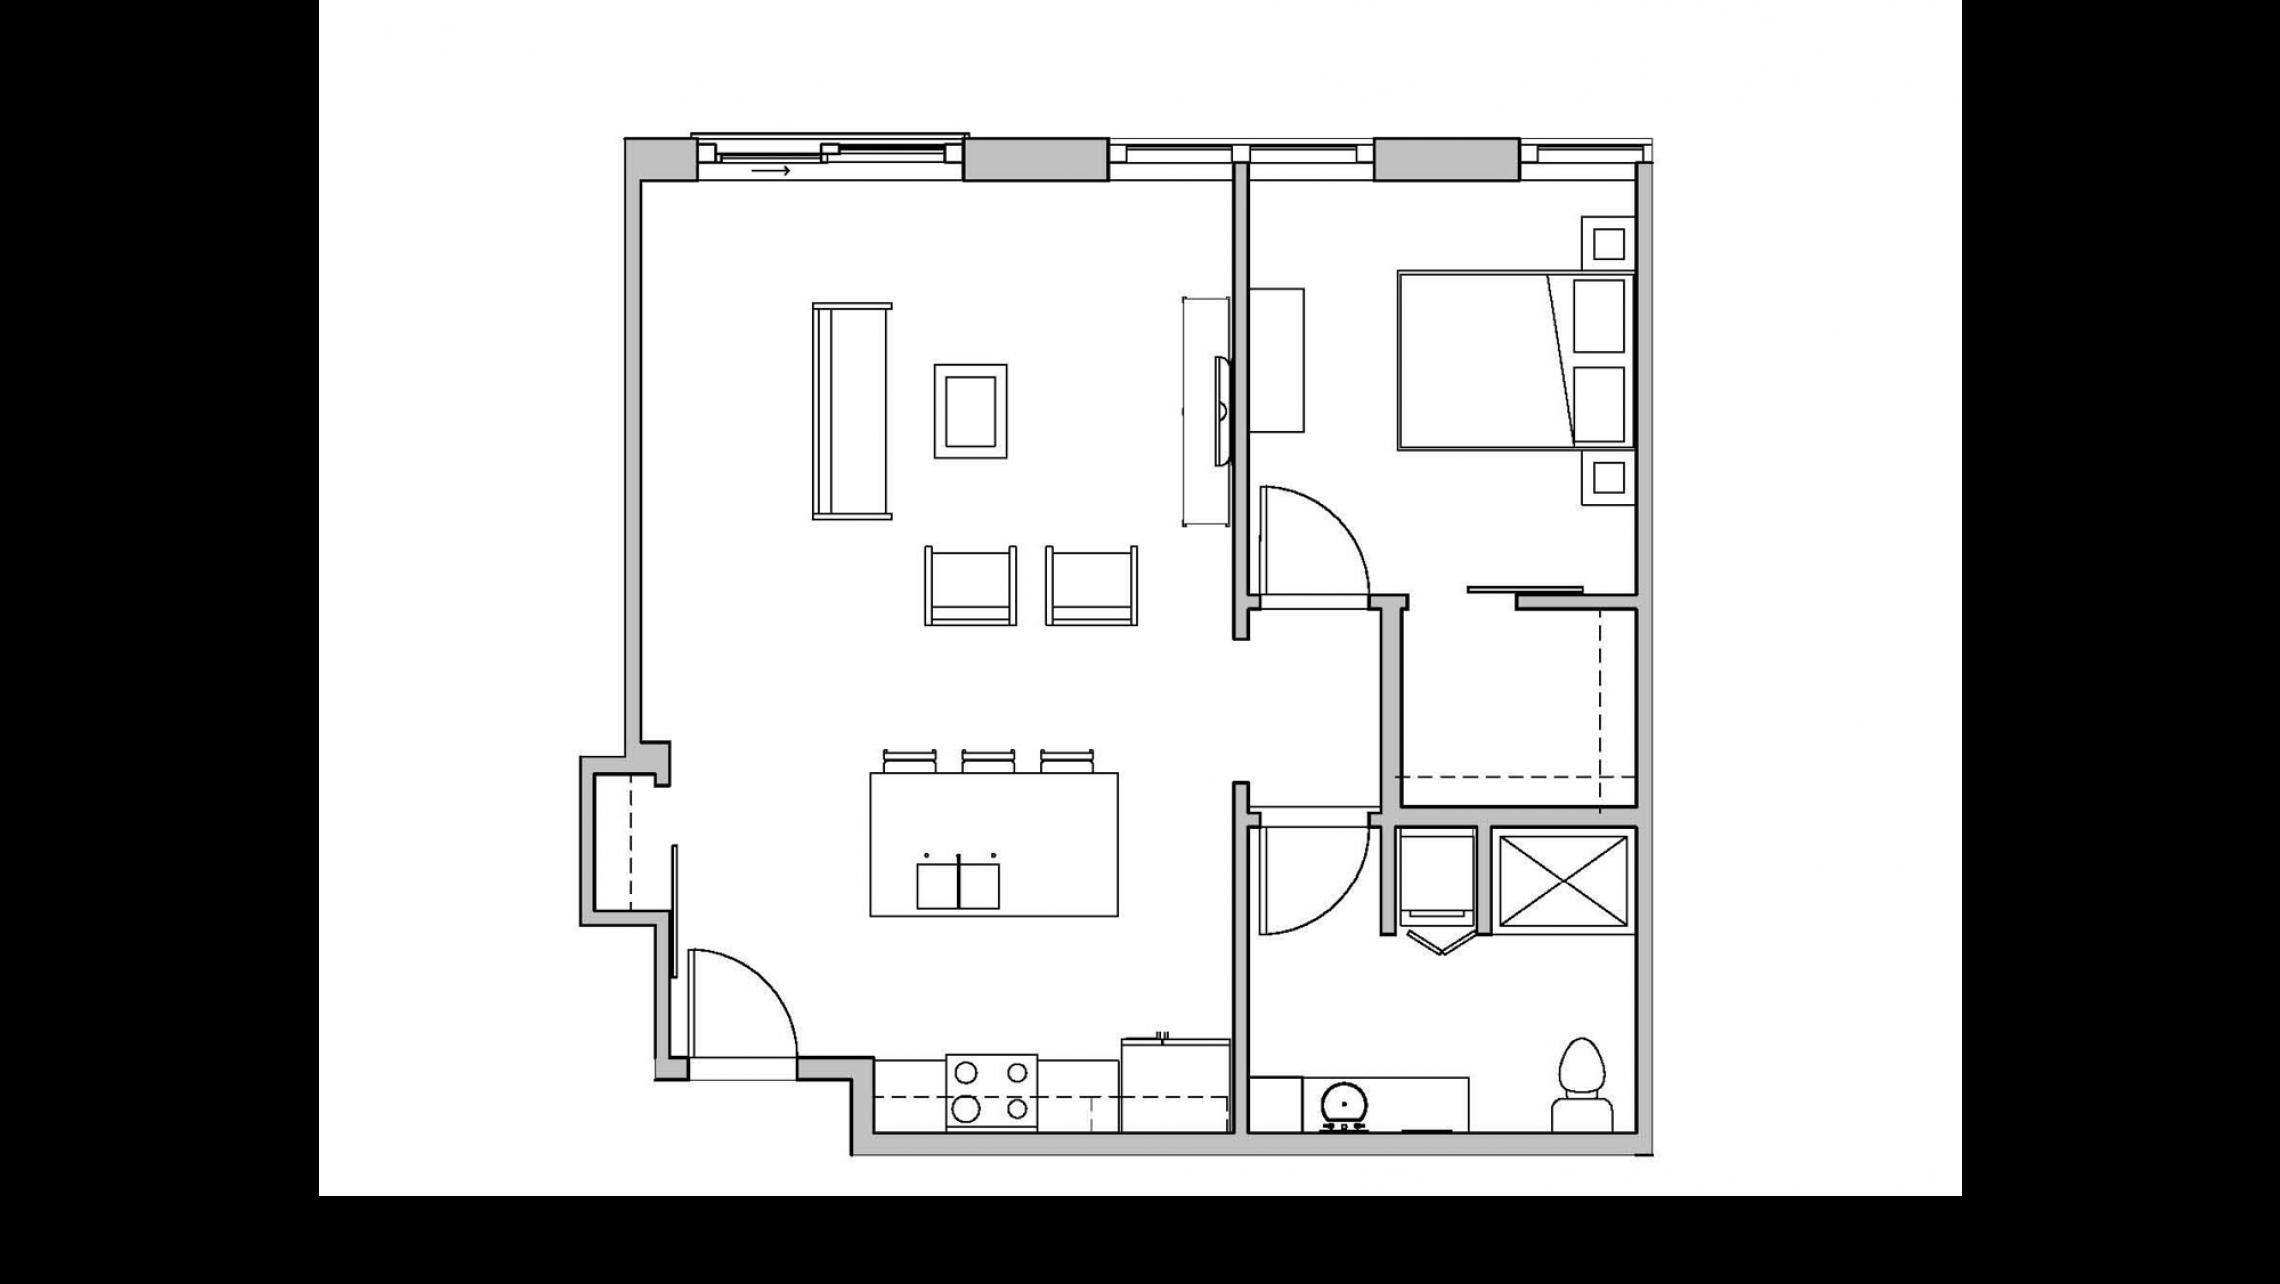 ULI Seven27 319 - One Bedroom, One Bathroom